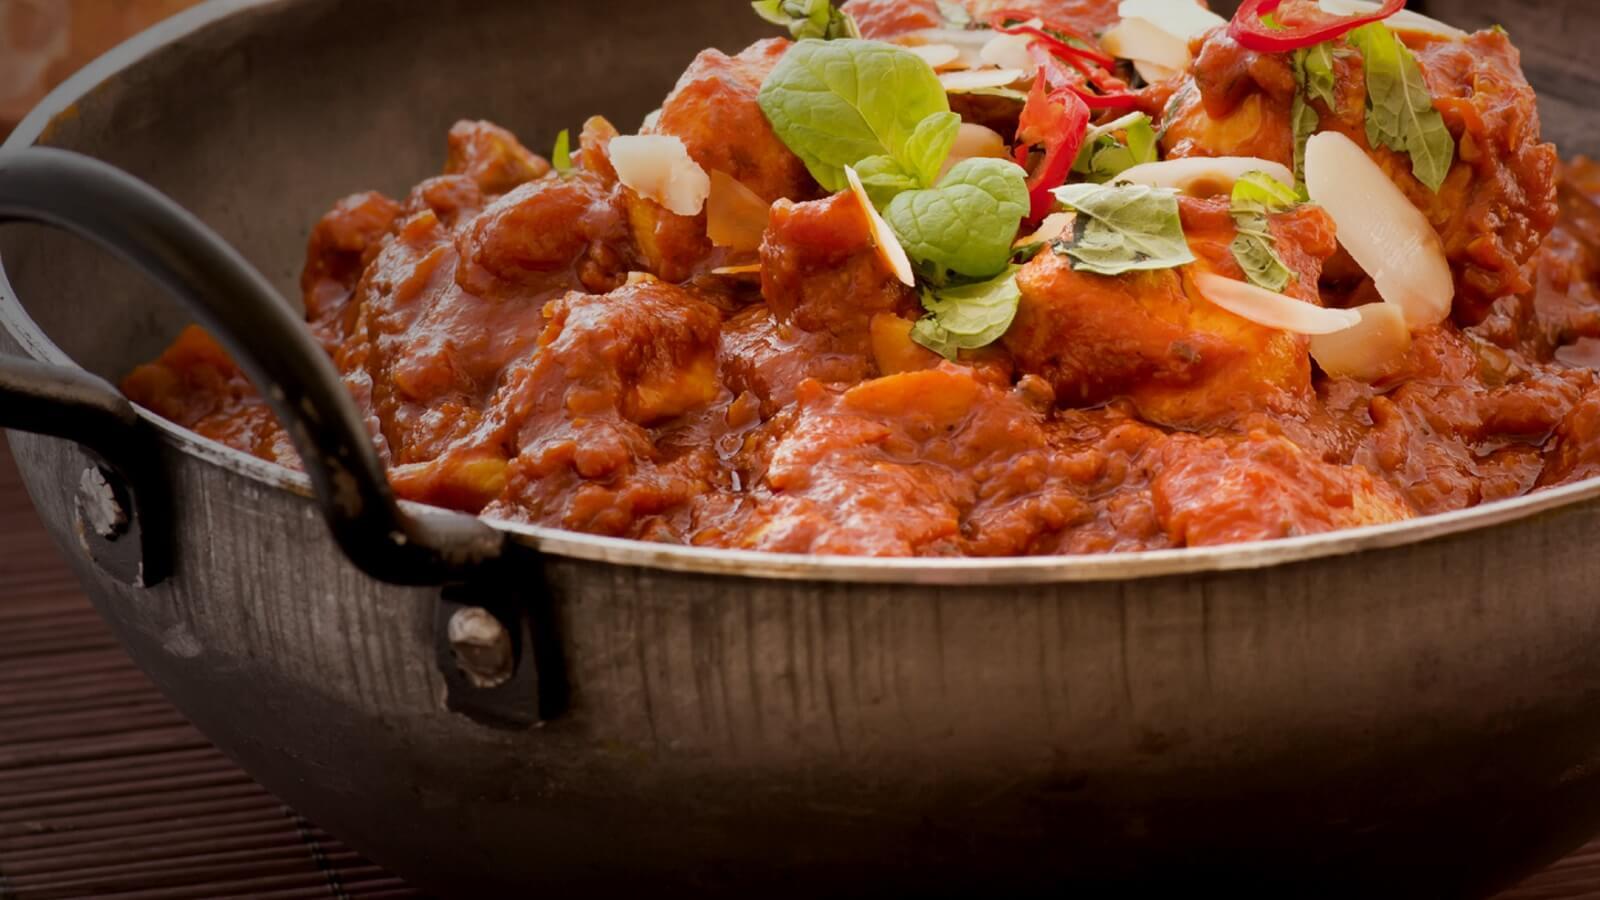 Kalijeera Indian Cuisine